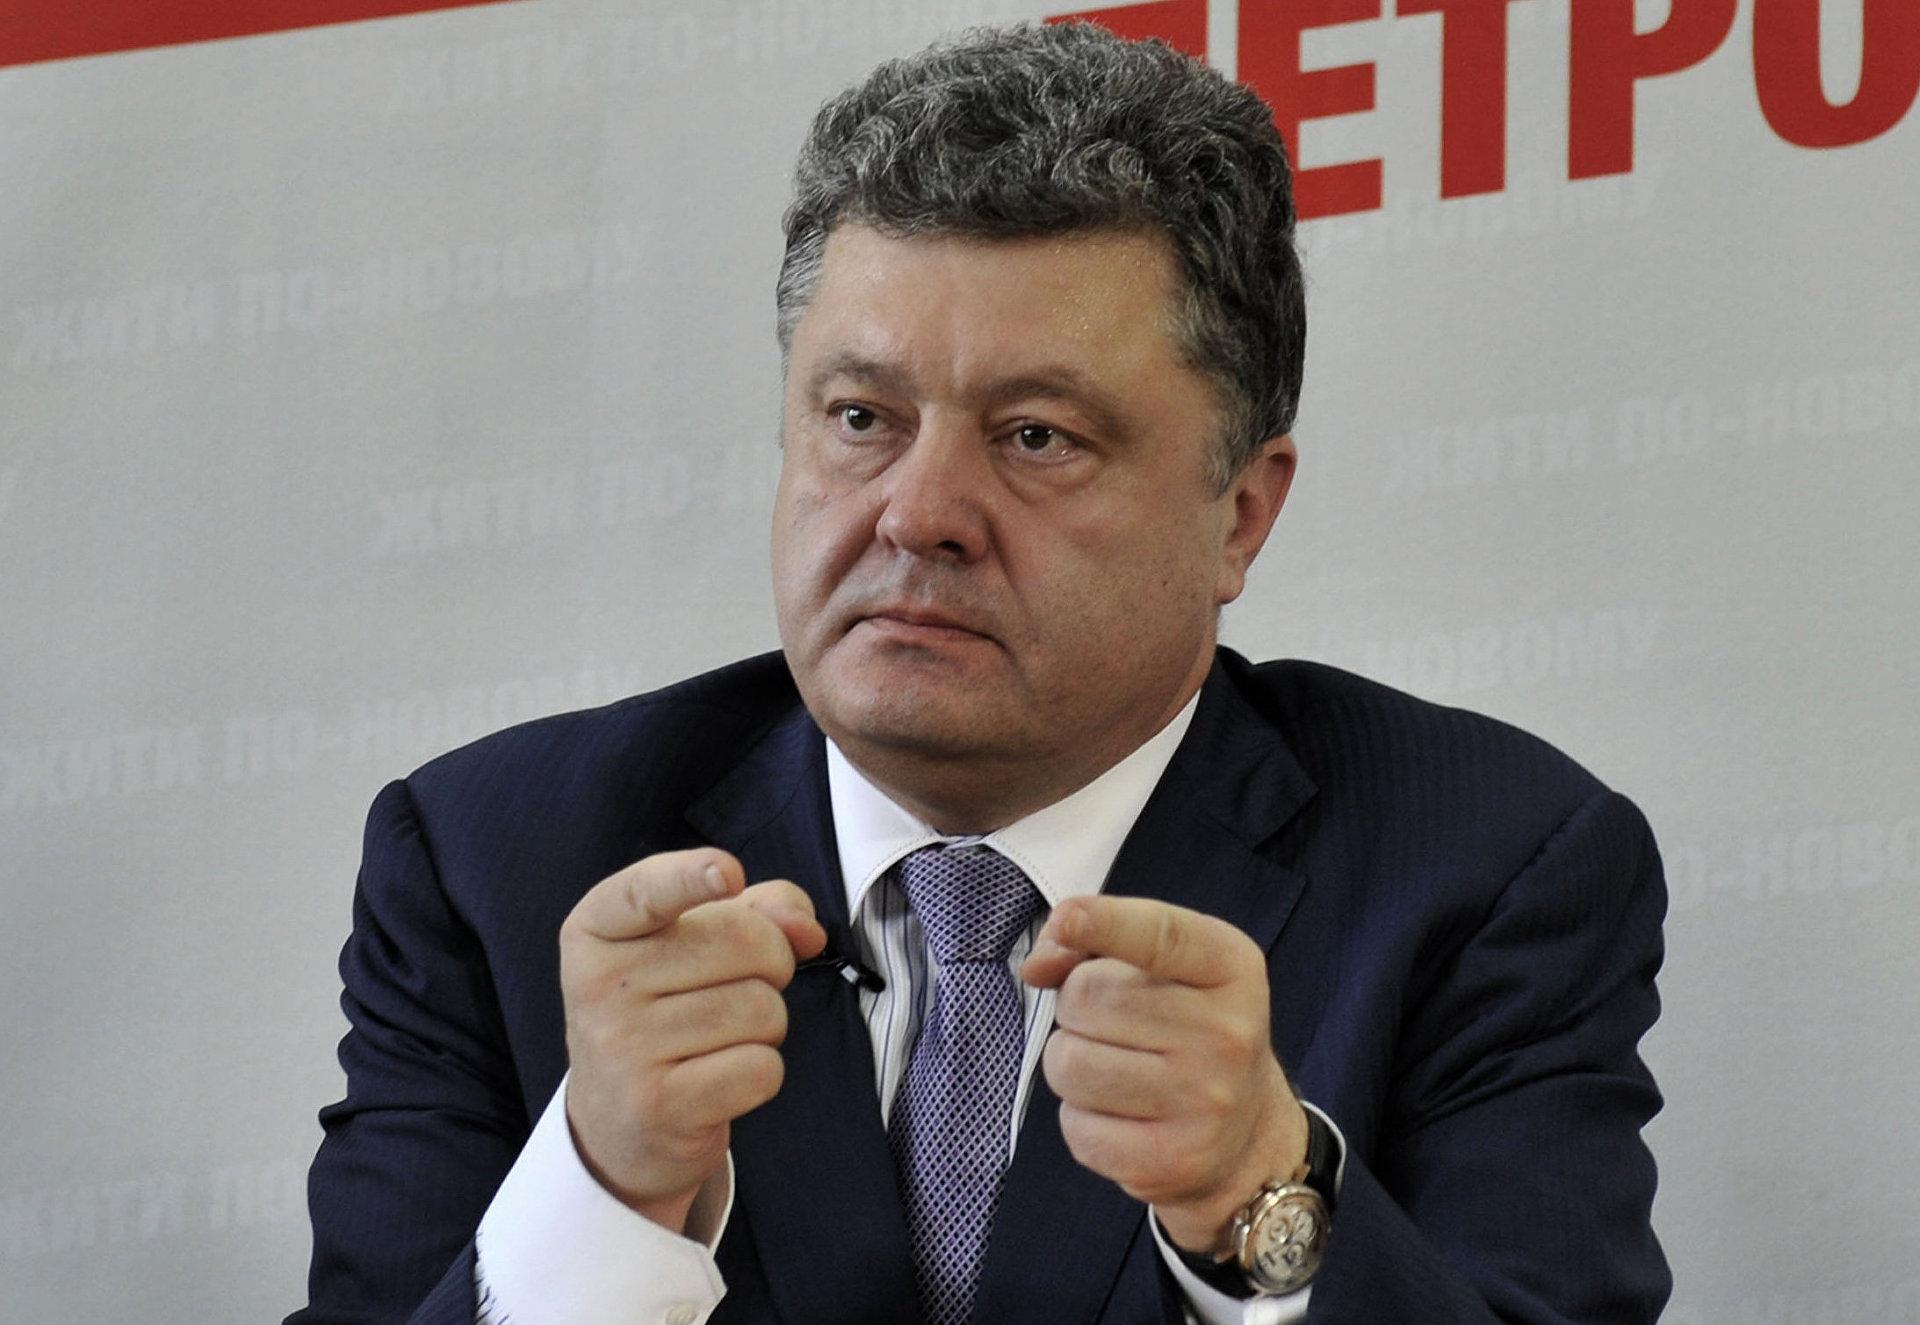 http://ukraina.ru/images/101326/50/1013265042.jpg